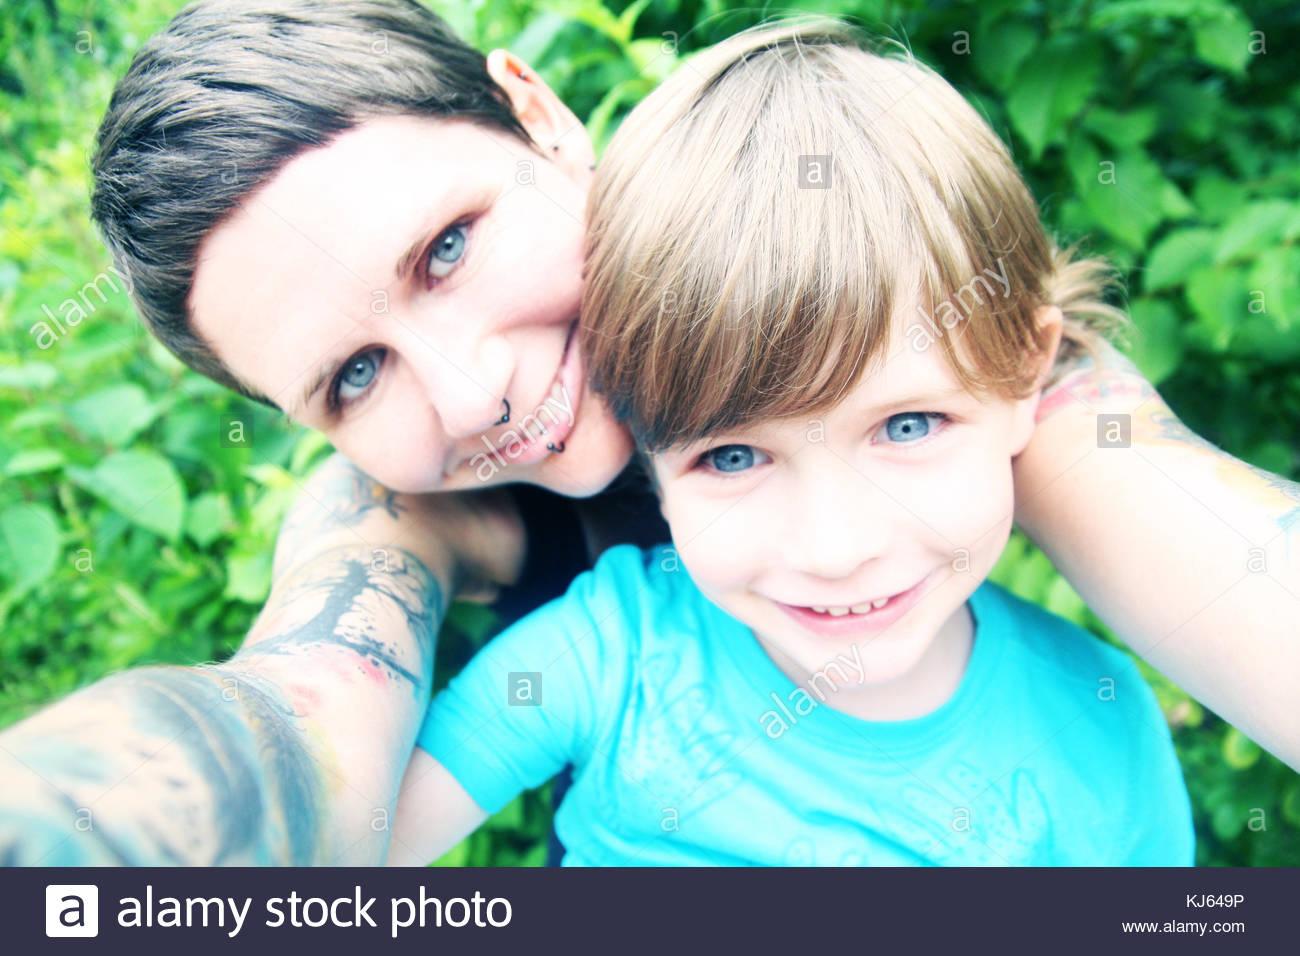 Madre e hijo de ojos azules sonriendo mientras toma un selfie Imagen De Stock